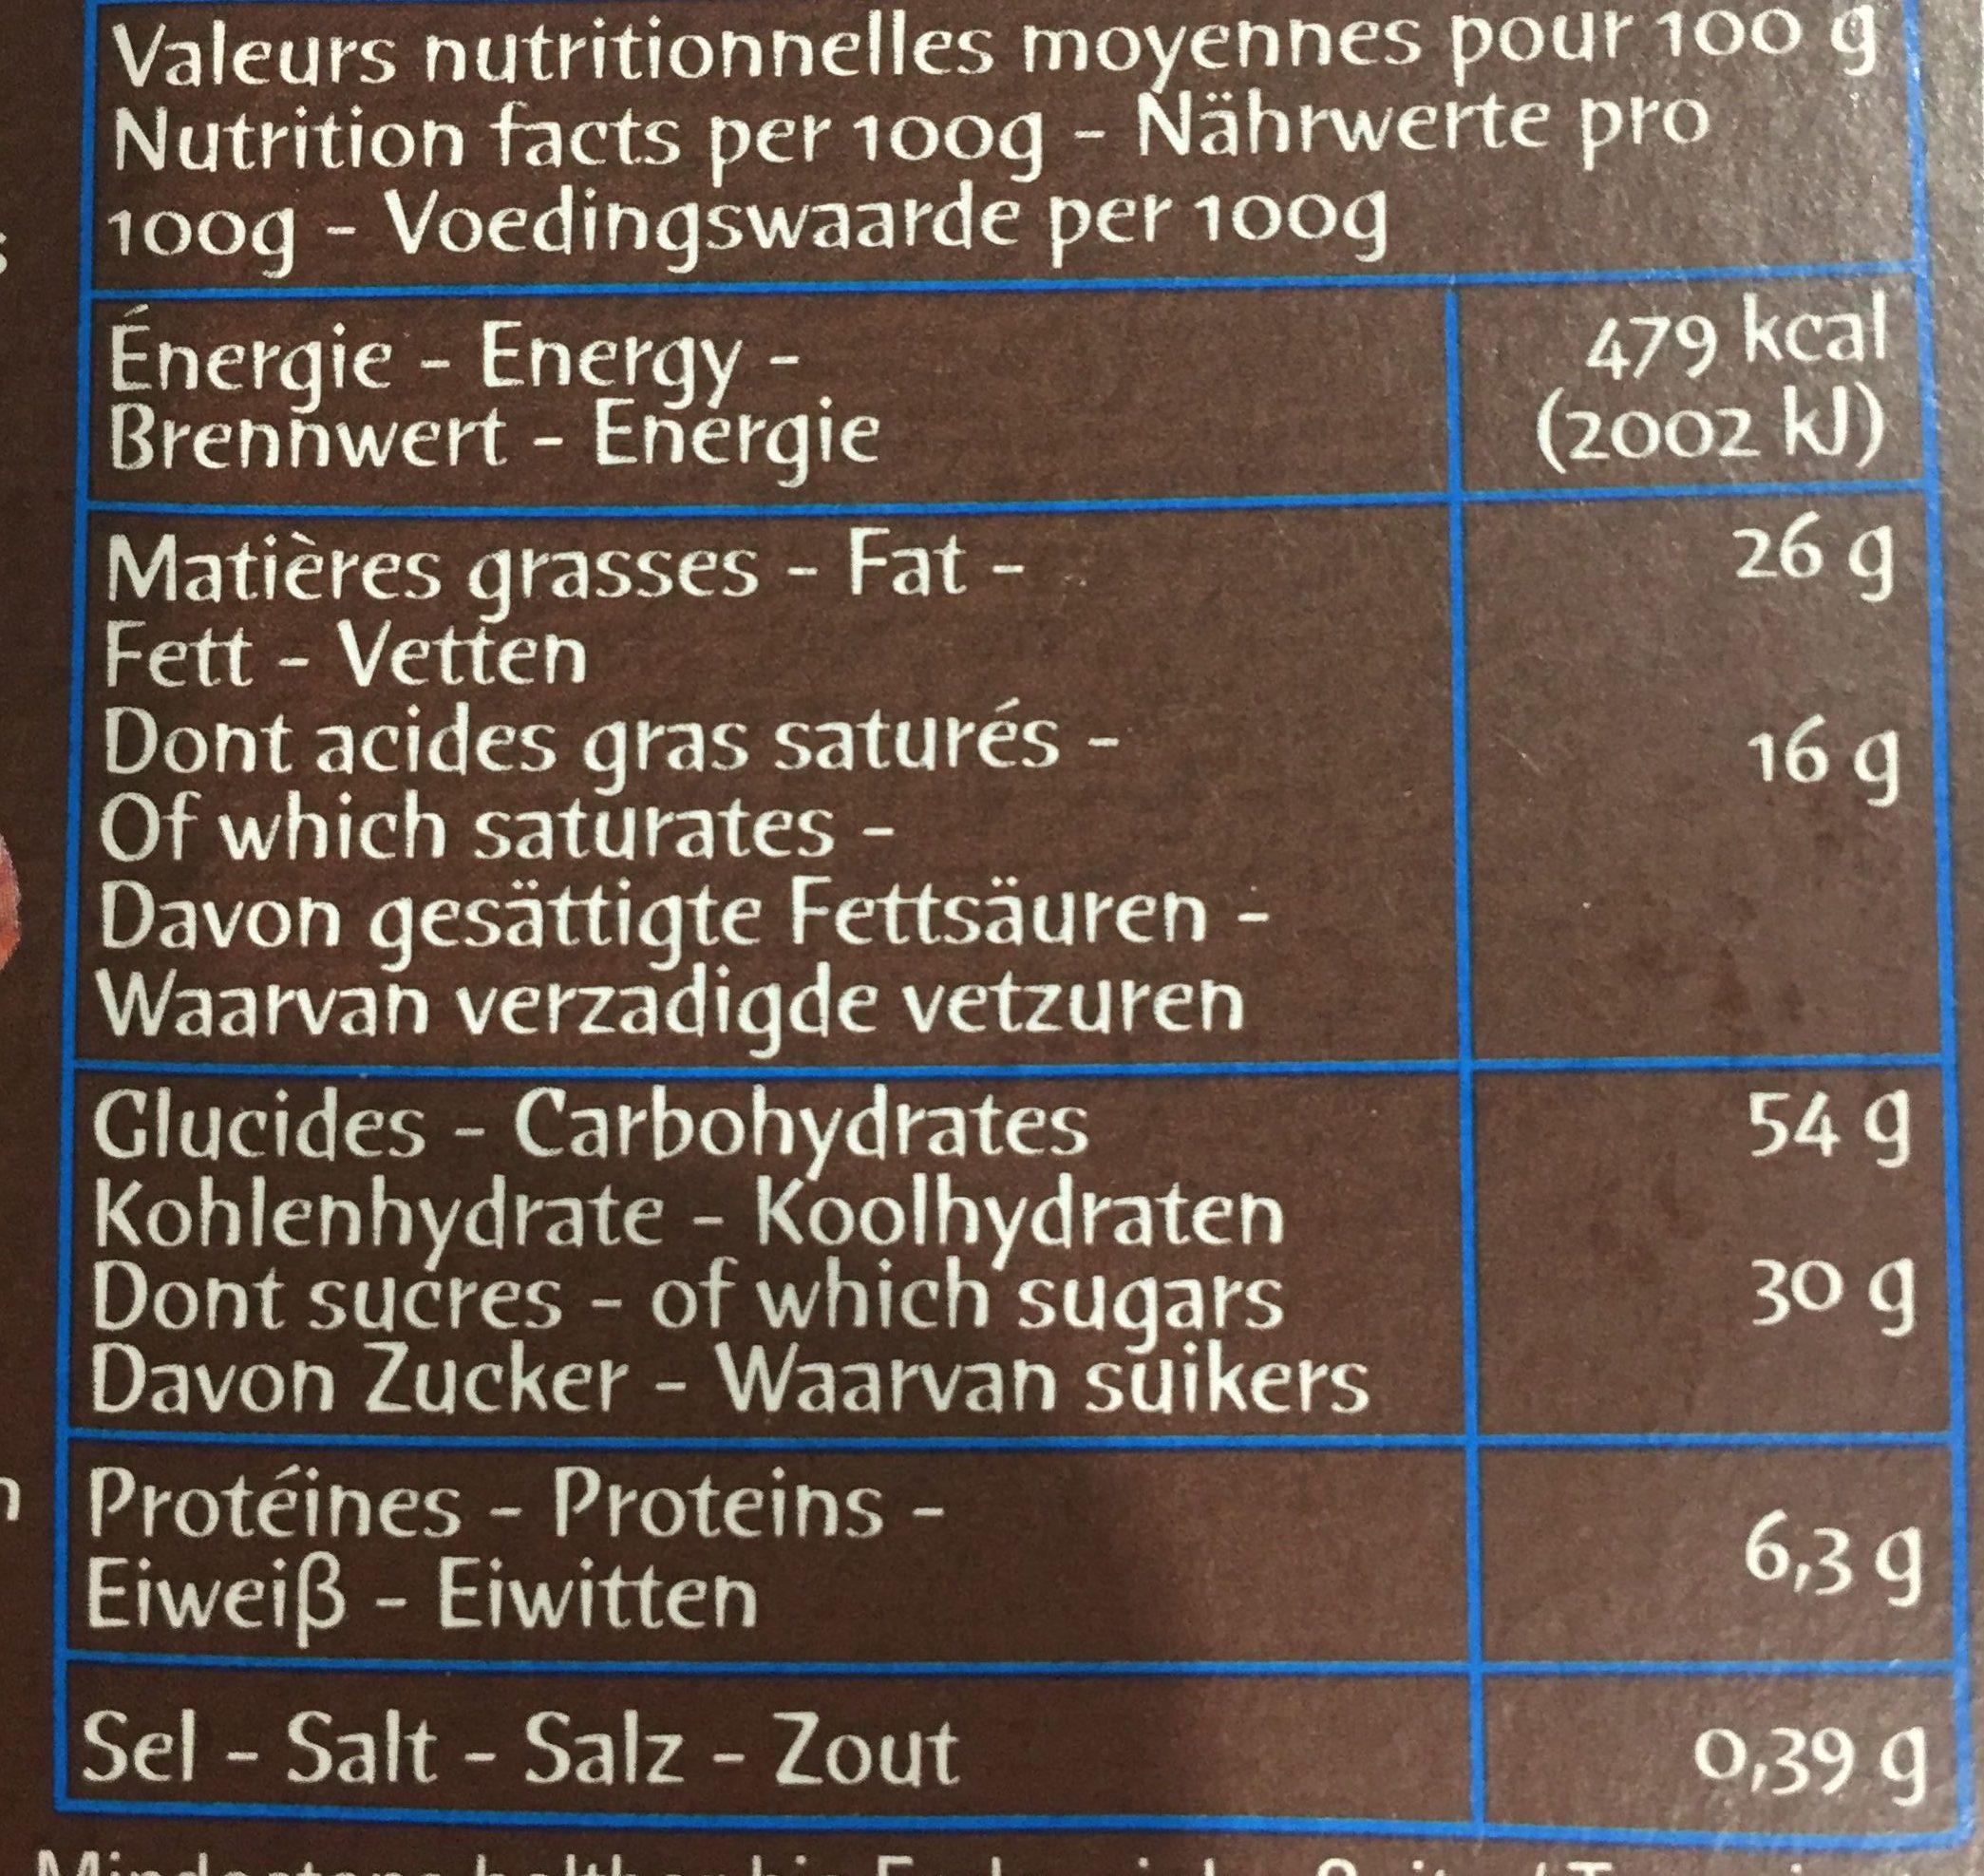 Petits cookies tartinés au chocolat et aux noisettes - Voedingswaarden - fr